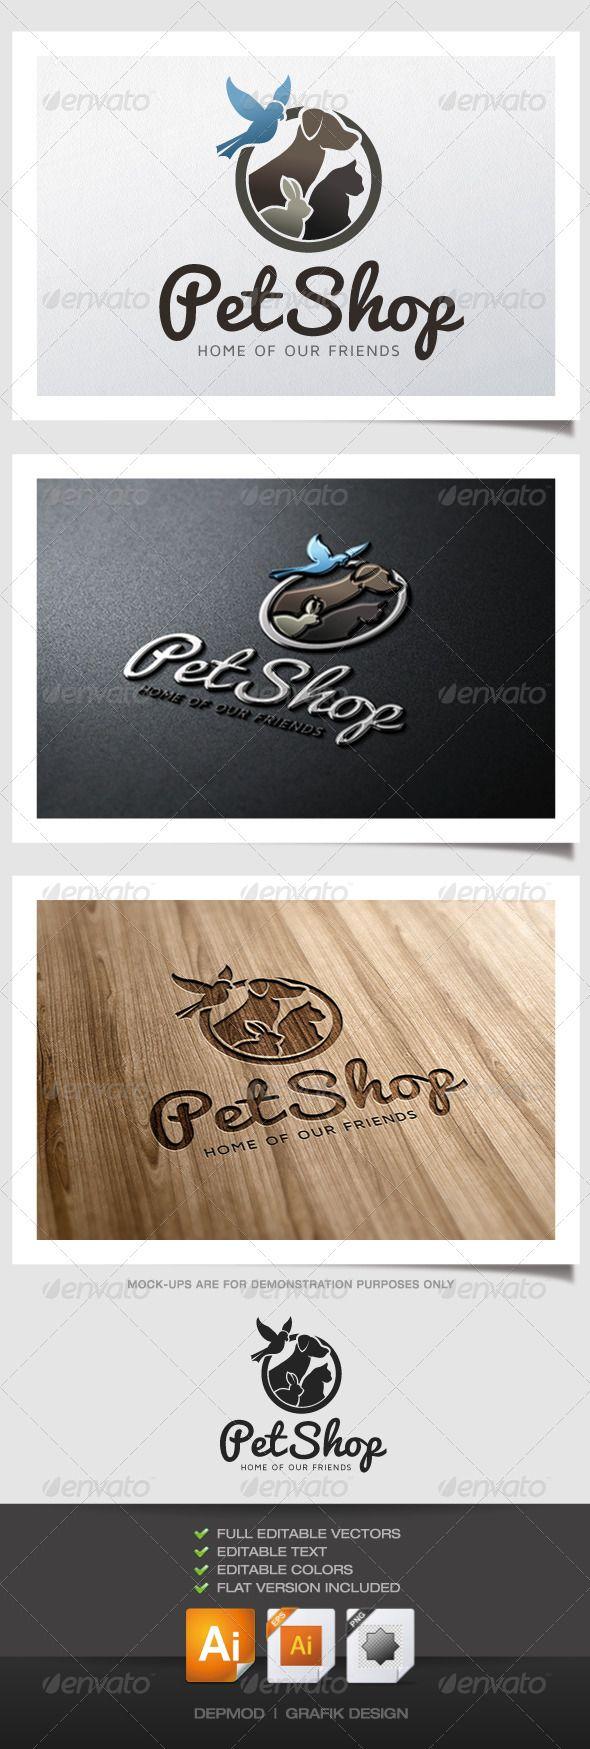 Logotipo para tienda de Animales.